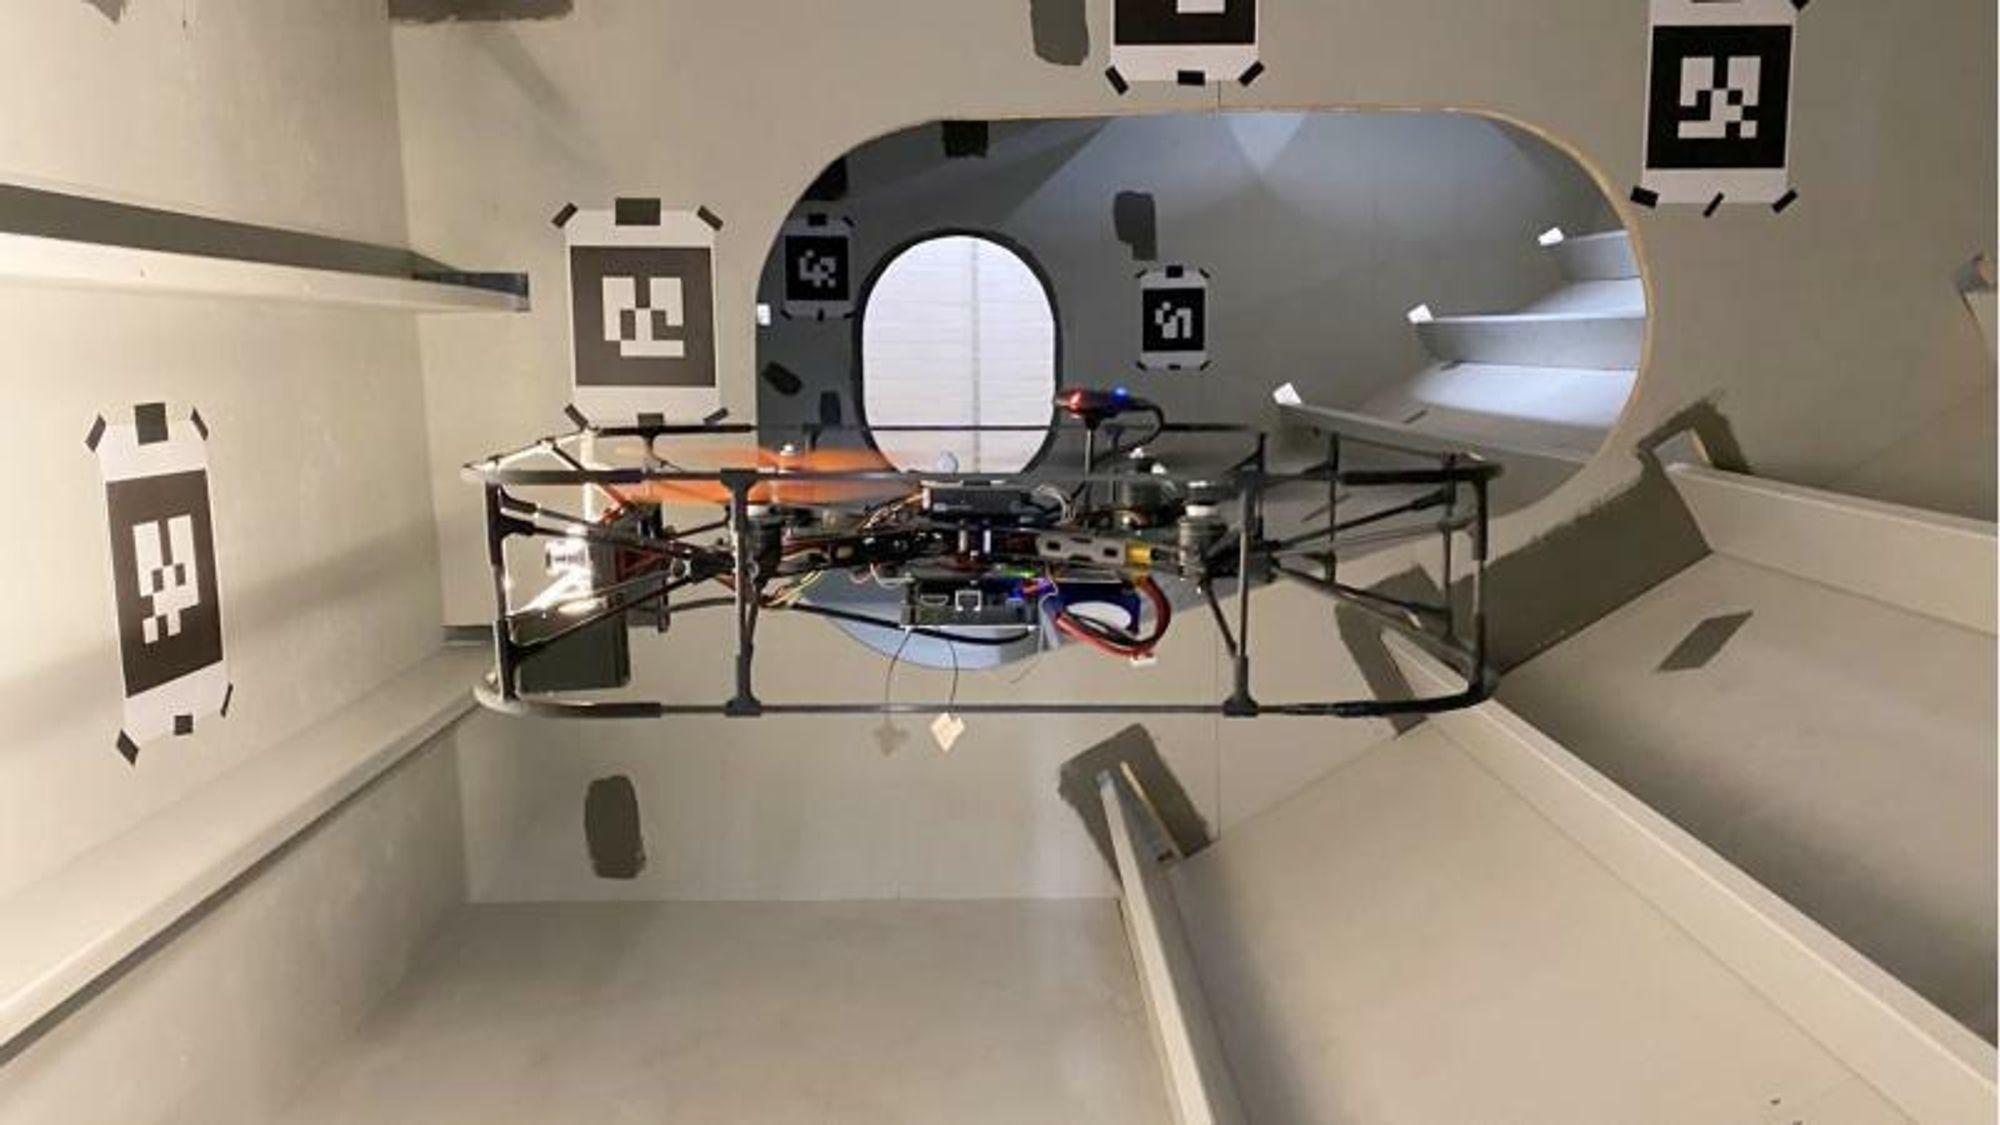 Inspeksjon av ballasttanker på skip er et opplagt test-case for doktorgradstipendiat Rune Yding Brogaards droneprojekt, for her skal den navigere uten GPS-signal, ved hjelp av blant annet lidar, akselerometer og gyroskop. Papiret med mønster på veggen er såkalte Ground Truth Points, som brukes til å kontrollere hvor korrekt posisjoneringssystemet er.